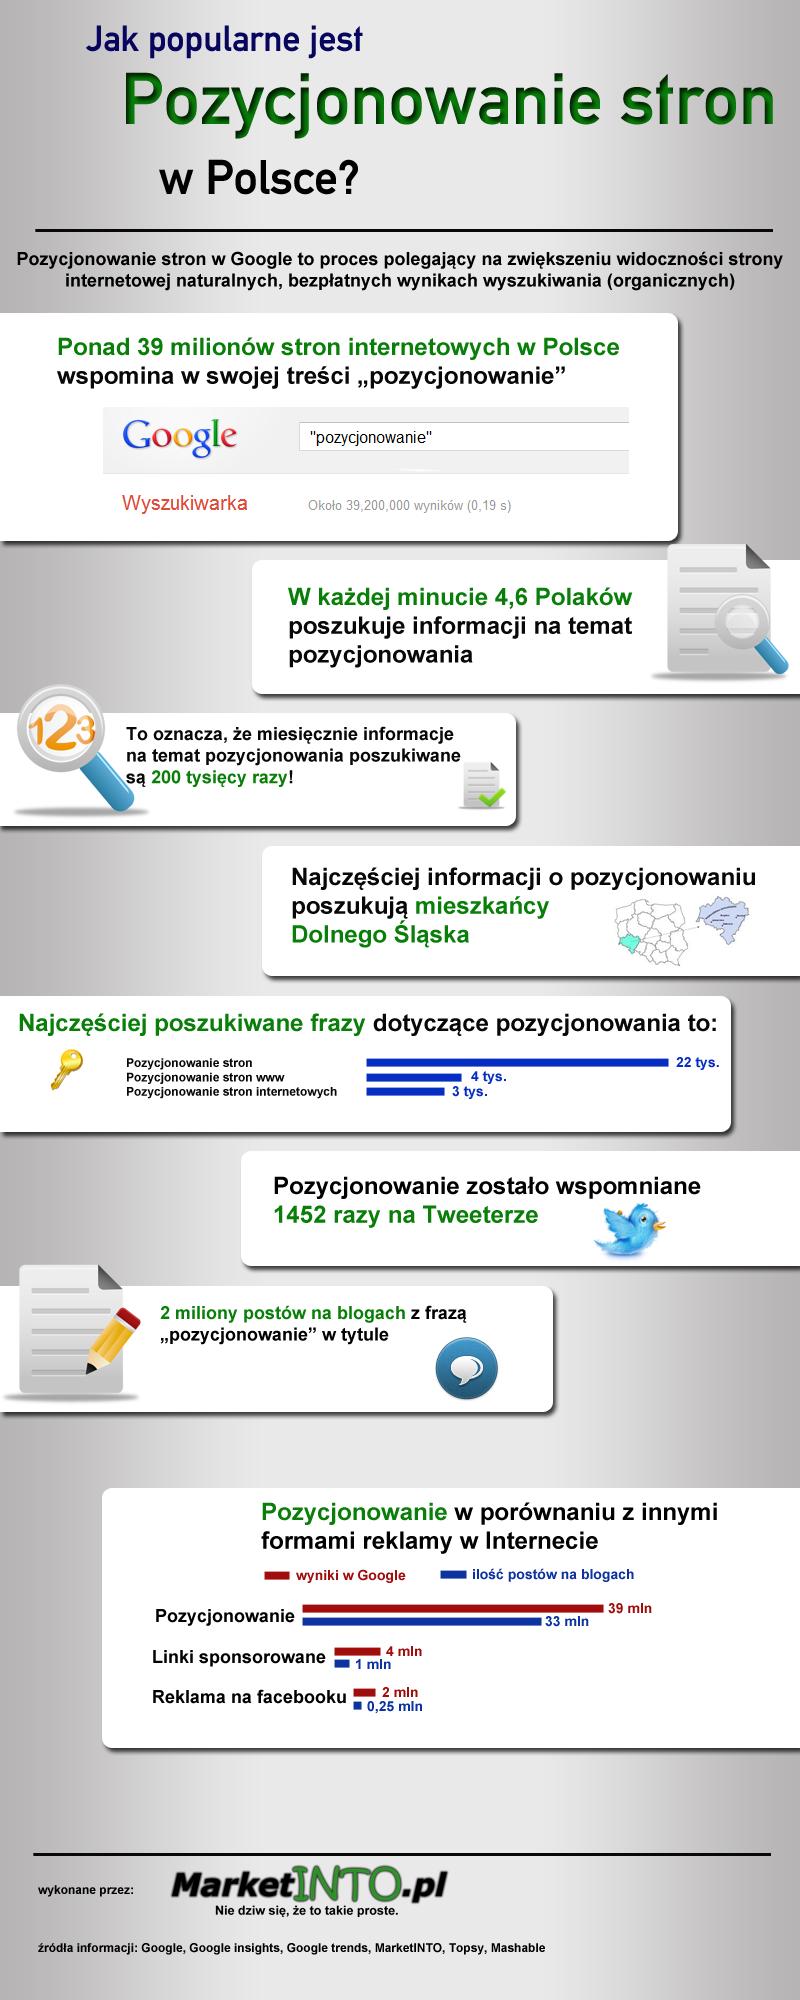 pozycjonowanie stron wInternecie / strony internetowe pozycjonowanie - popularność pozycjonowania winternecie - pozycjonowanie ioptymalizacja stron www - Infografika